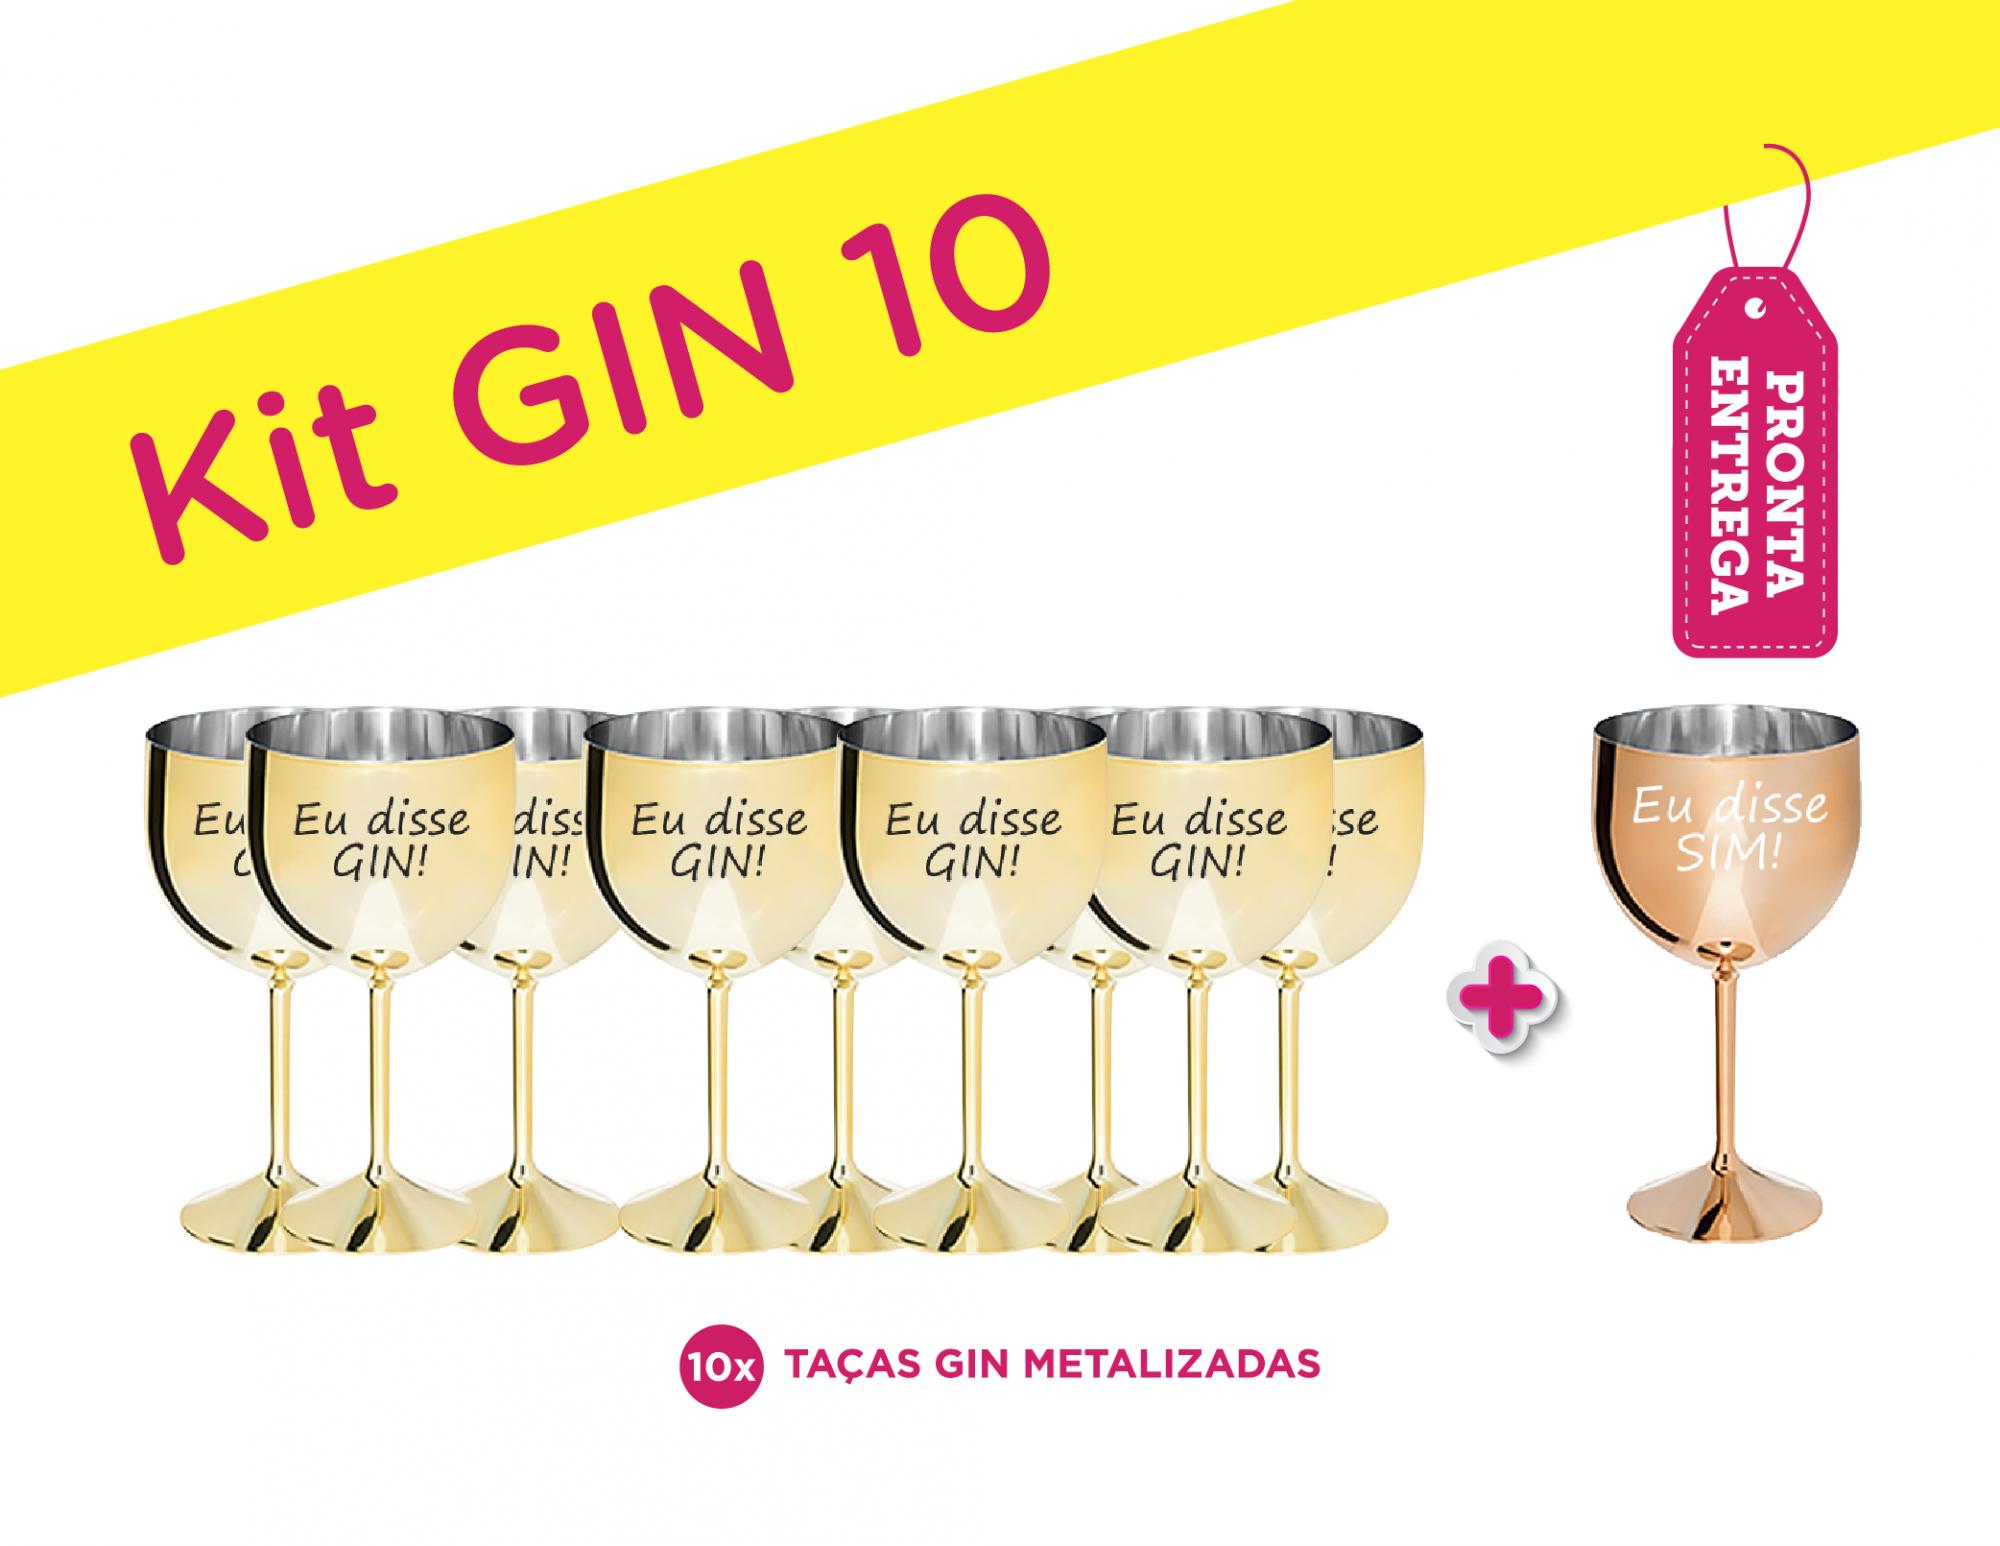 Kit Gin 10 Metalizado Eu Disse Gin/Eu Disse Sim Pronta Entrega para Despedida de Solteira